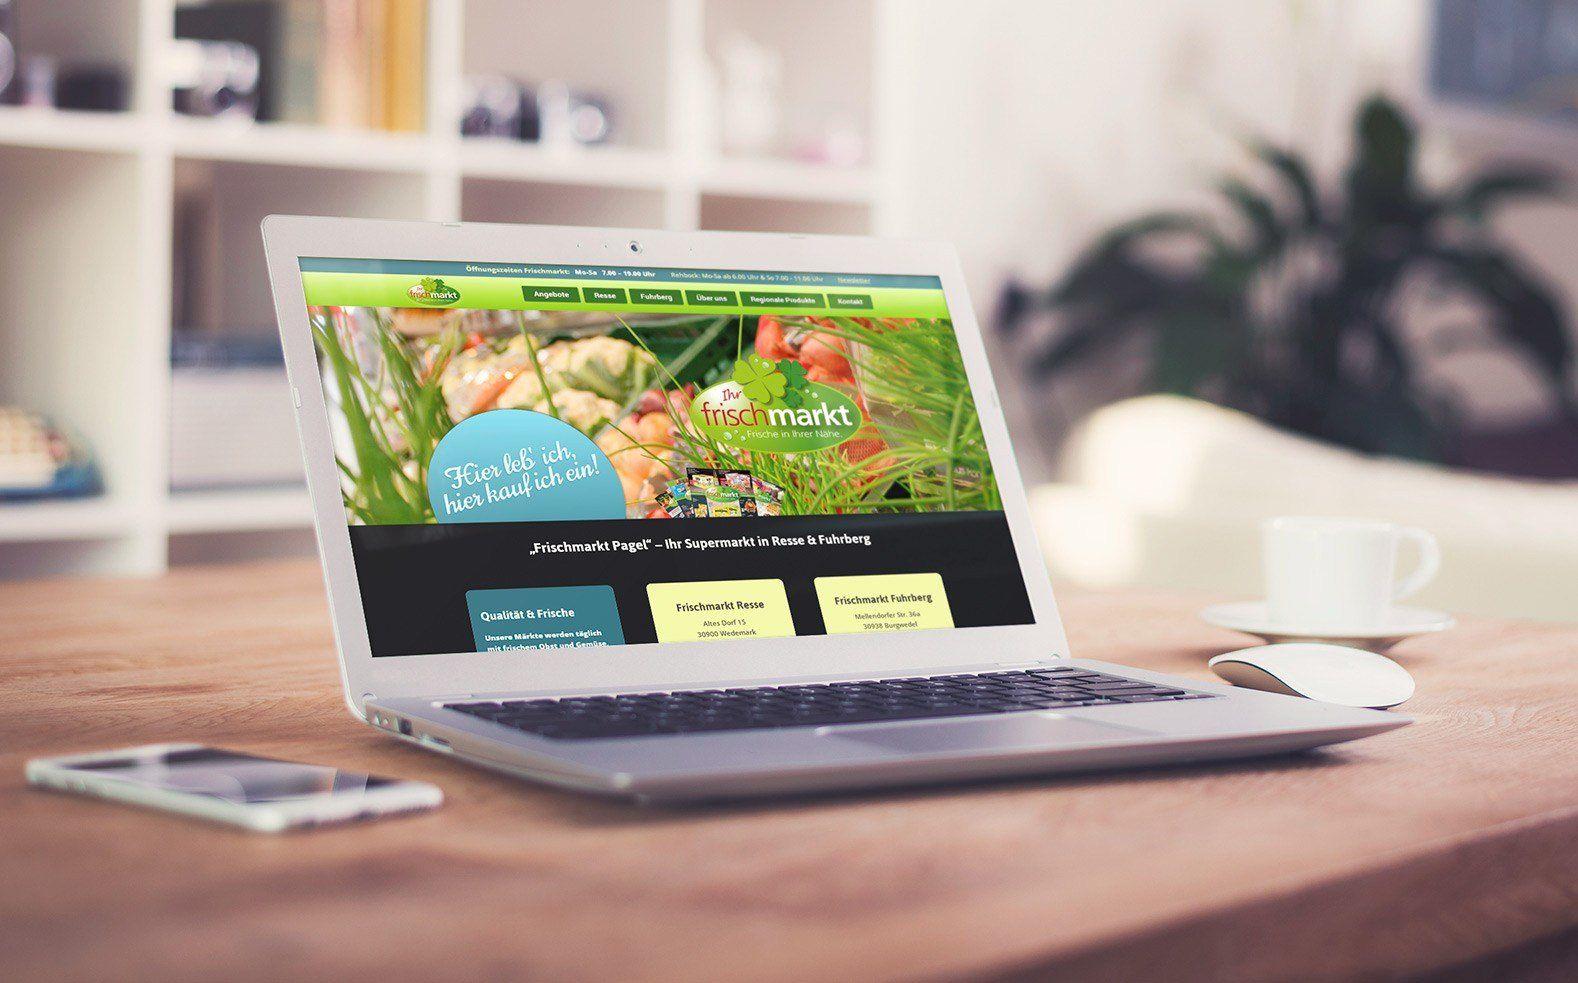 ERNST MEDIA Werbeagentur | Webdesign, Printdesign & Marketing